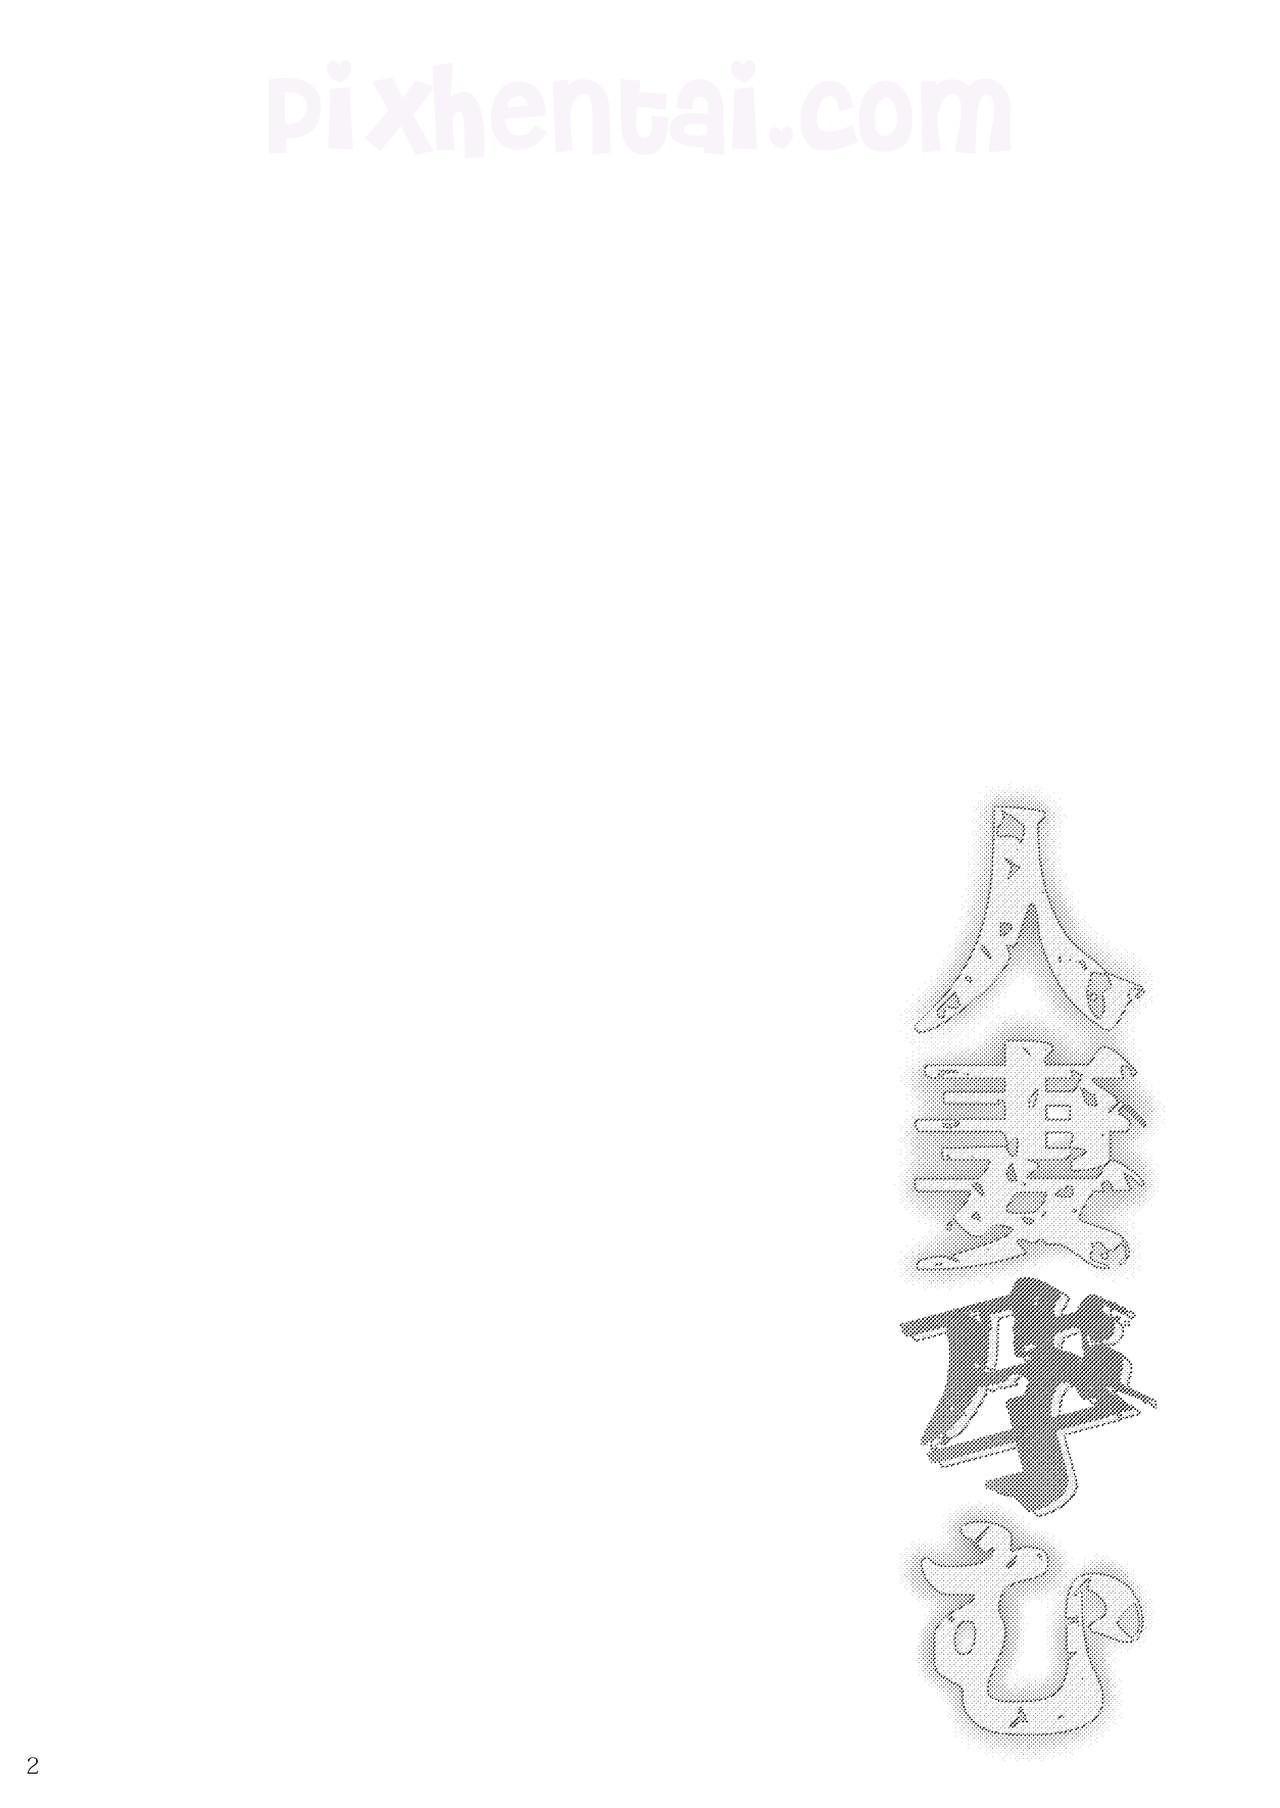 Komik hentai xxx manga sex bokep menghamili wanita bersuami dari guild member game 03